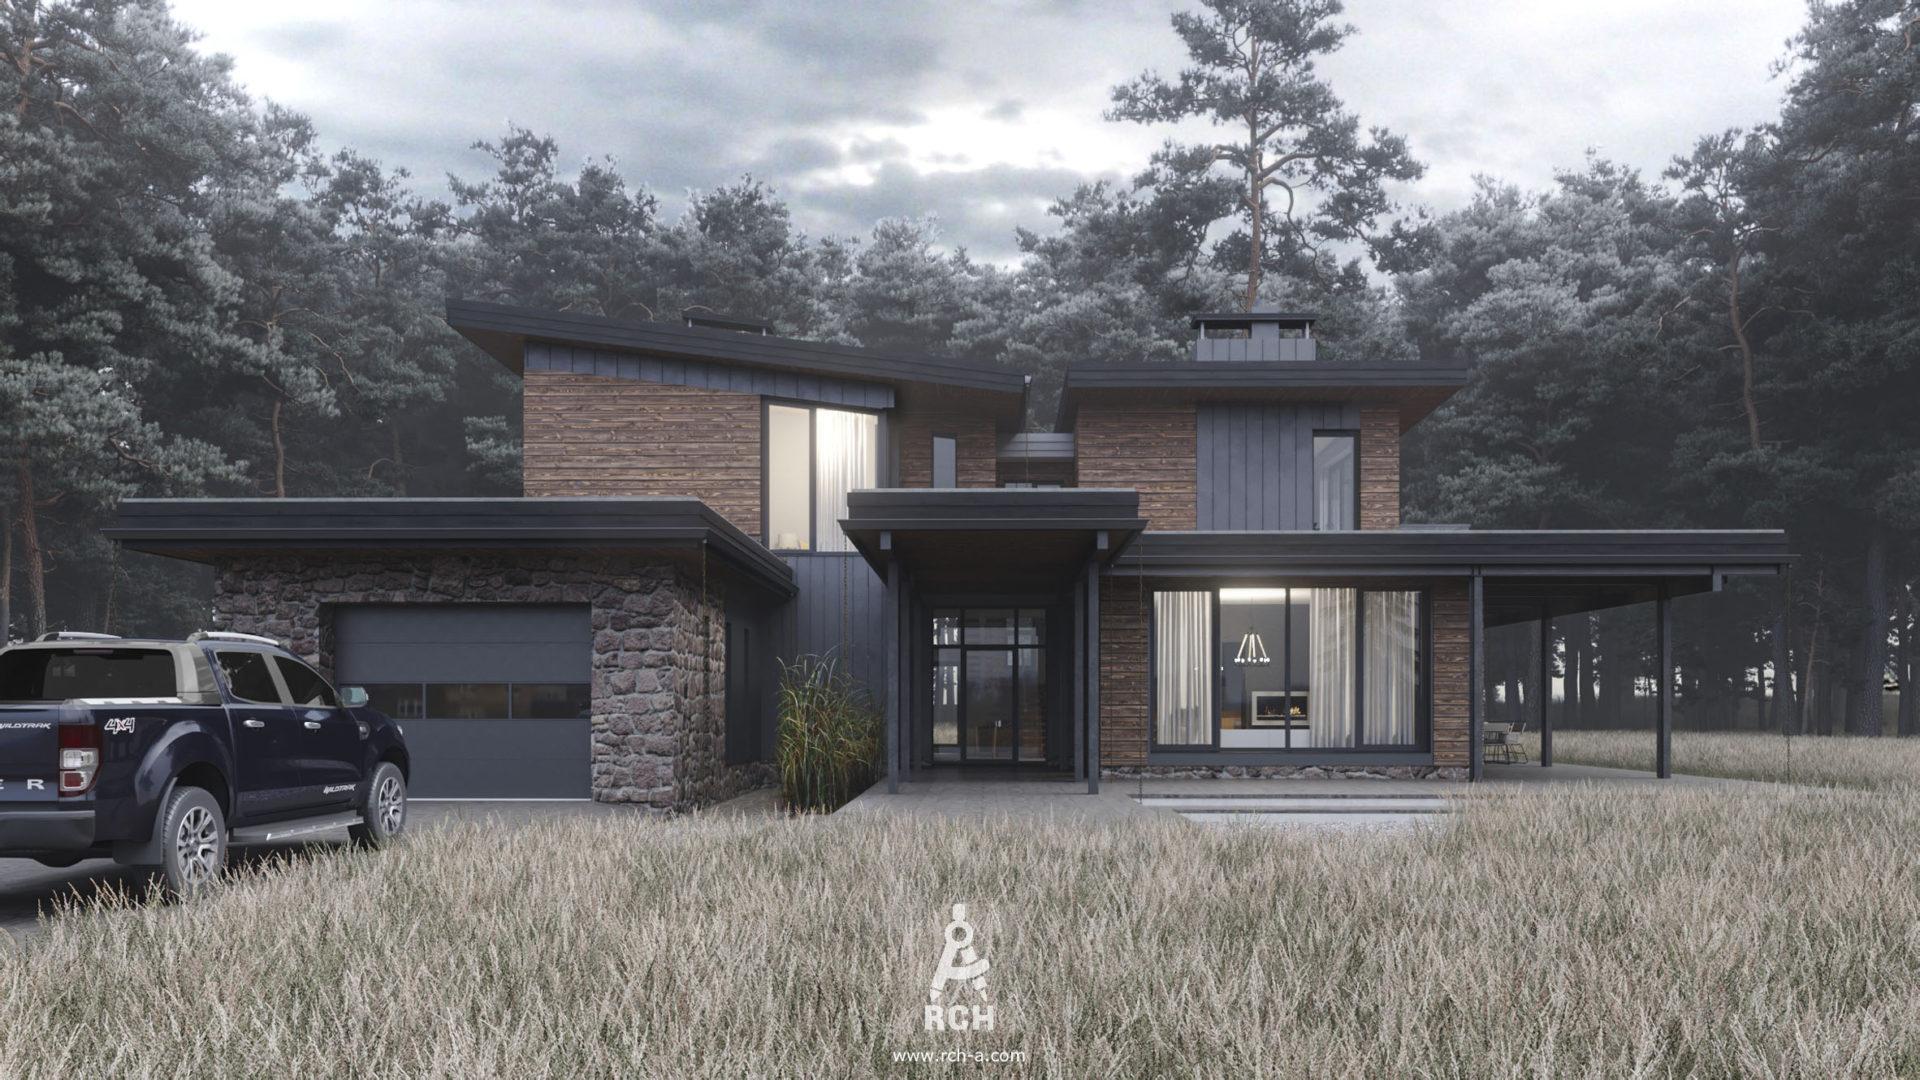 Частный дом с облицовкой деревом и фальцем